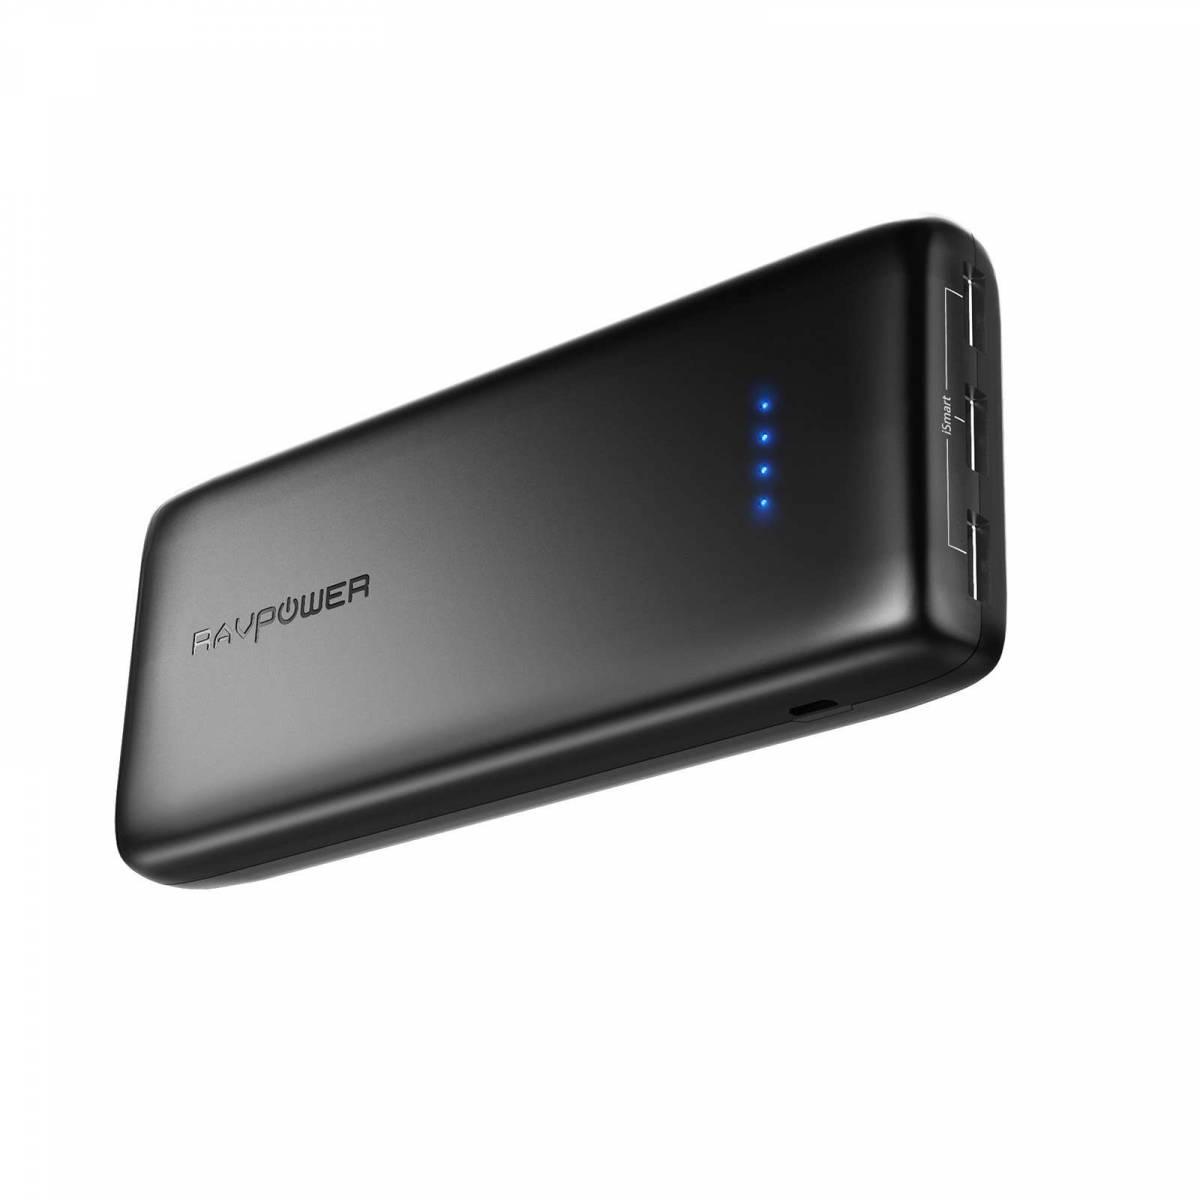 RAVPower ACE 22 000 mAh Power Bank 3x USB för iPhones och